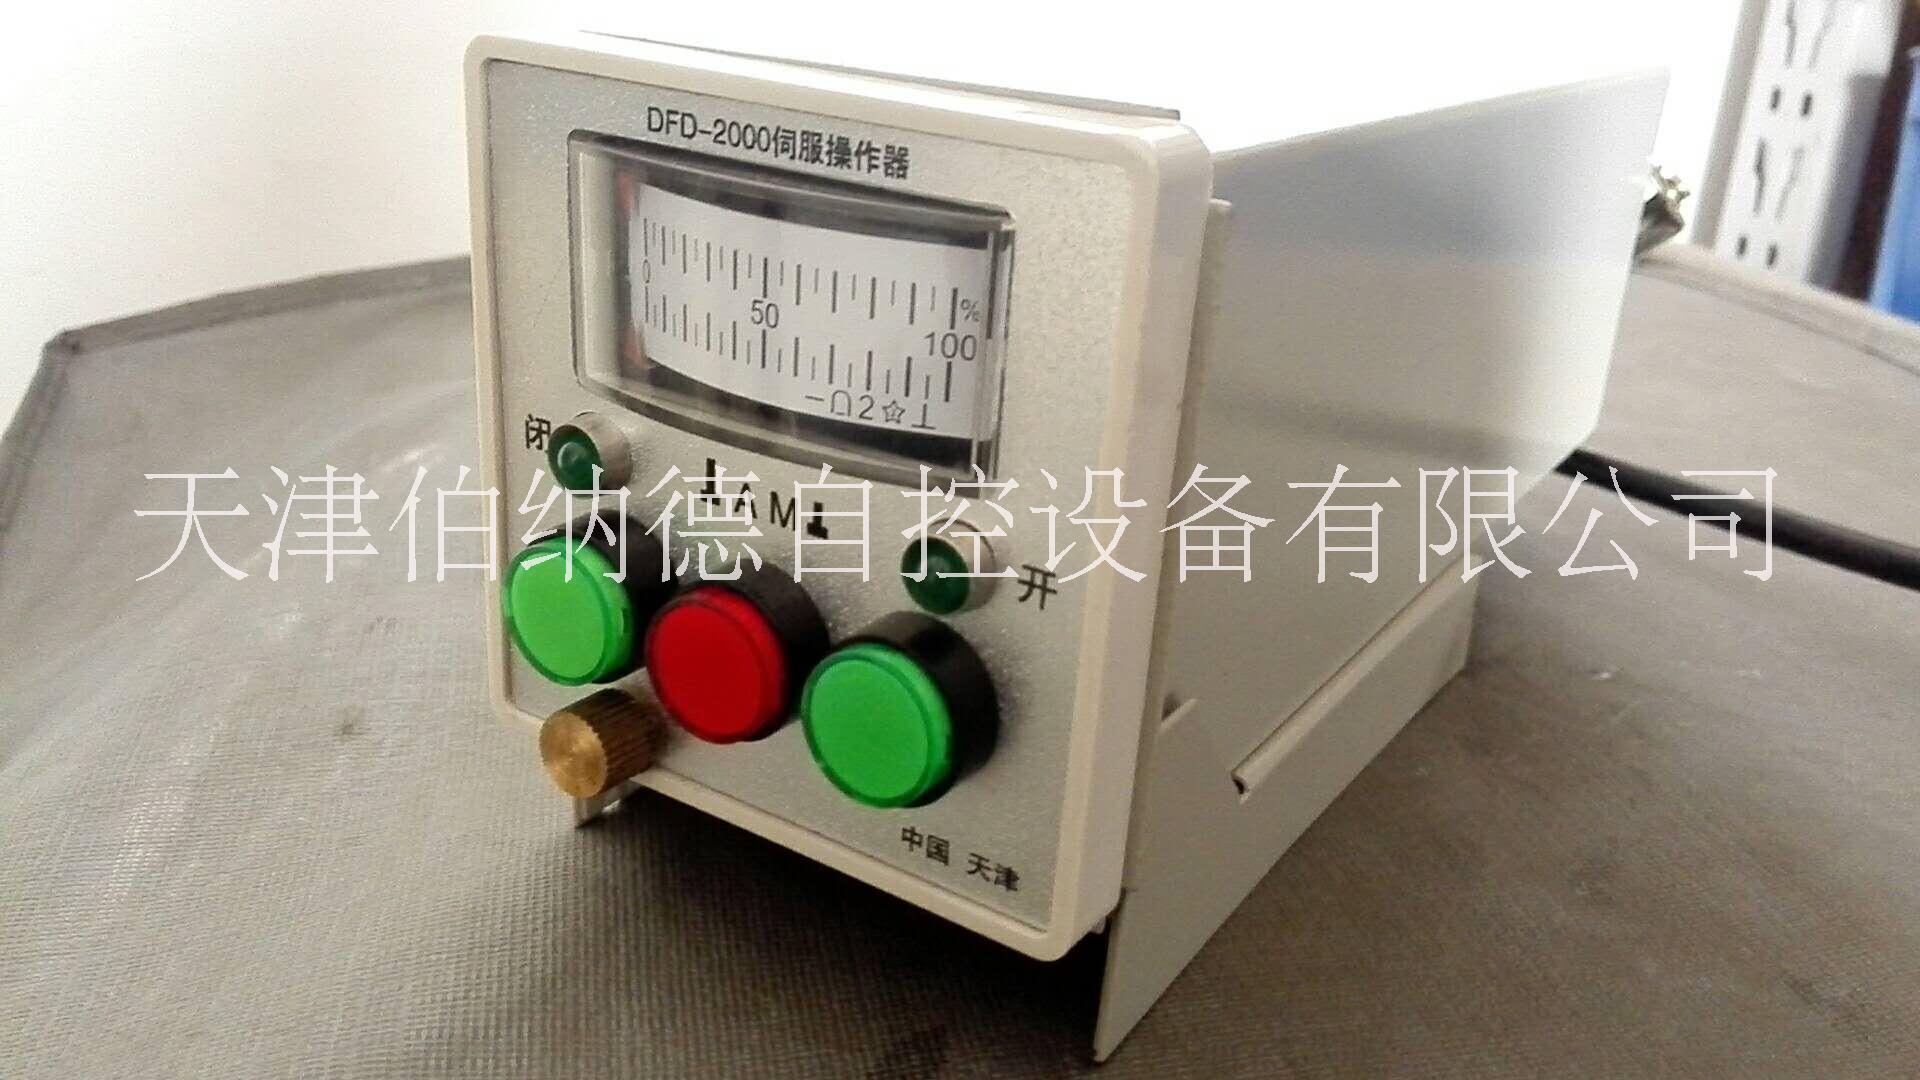 天津南开伯纳德厂家生产电动执行器配件 电动操作器DFD-1900价格